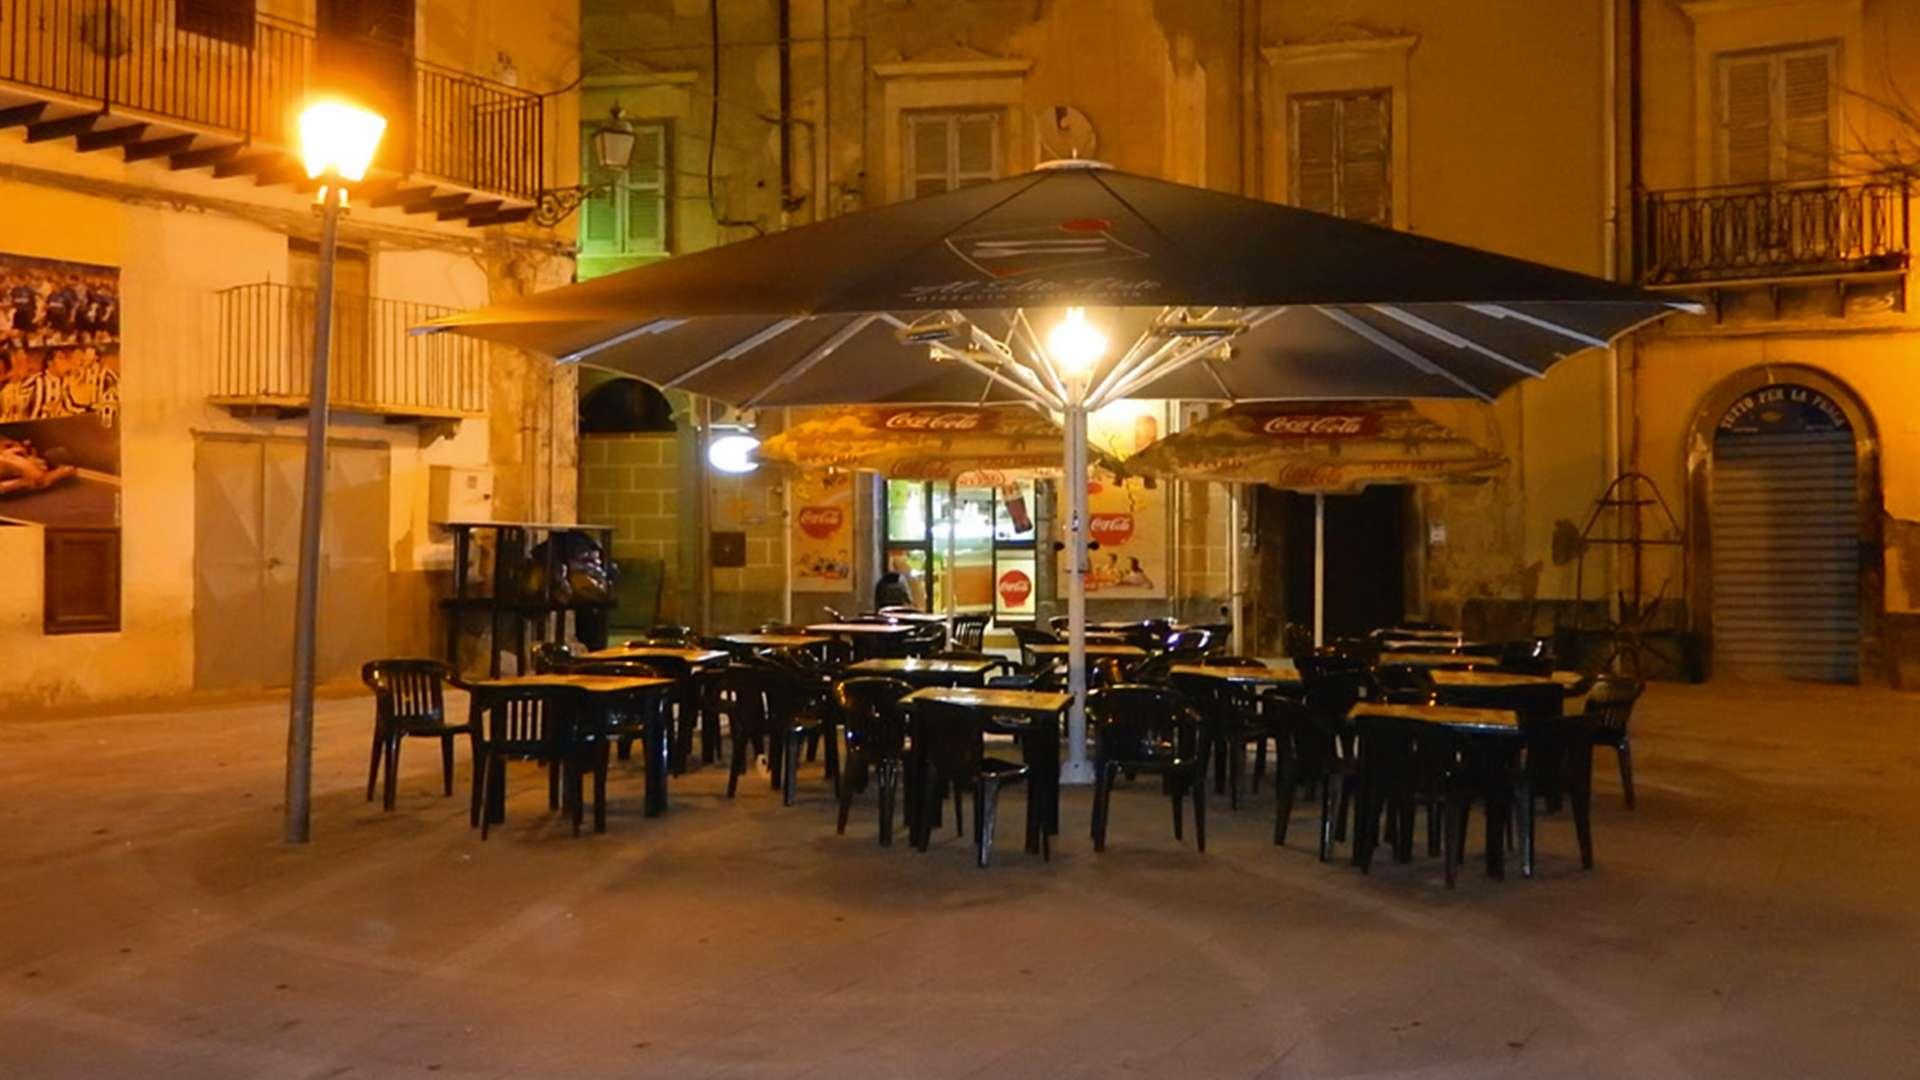 Jumbrella XL Sonnenschirm über mehreren Tisch in der Fußgängerzone bei Nacht